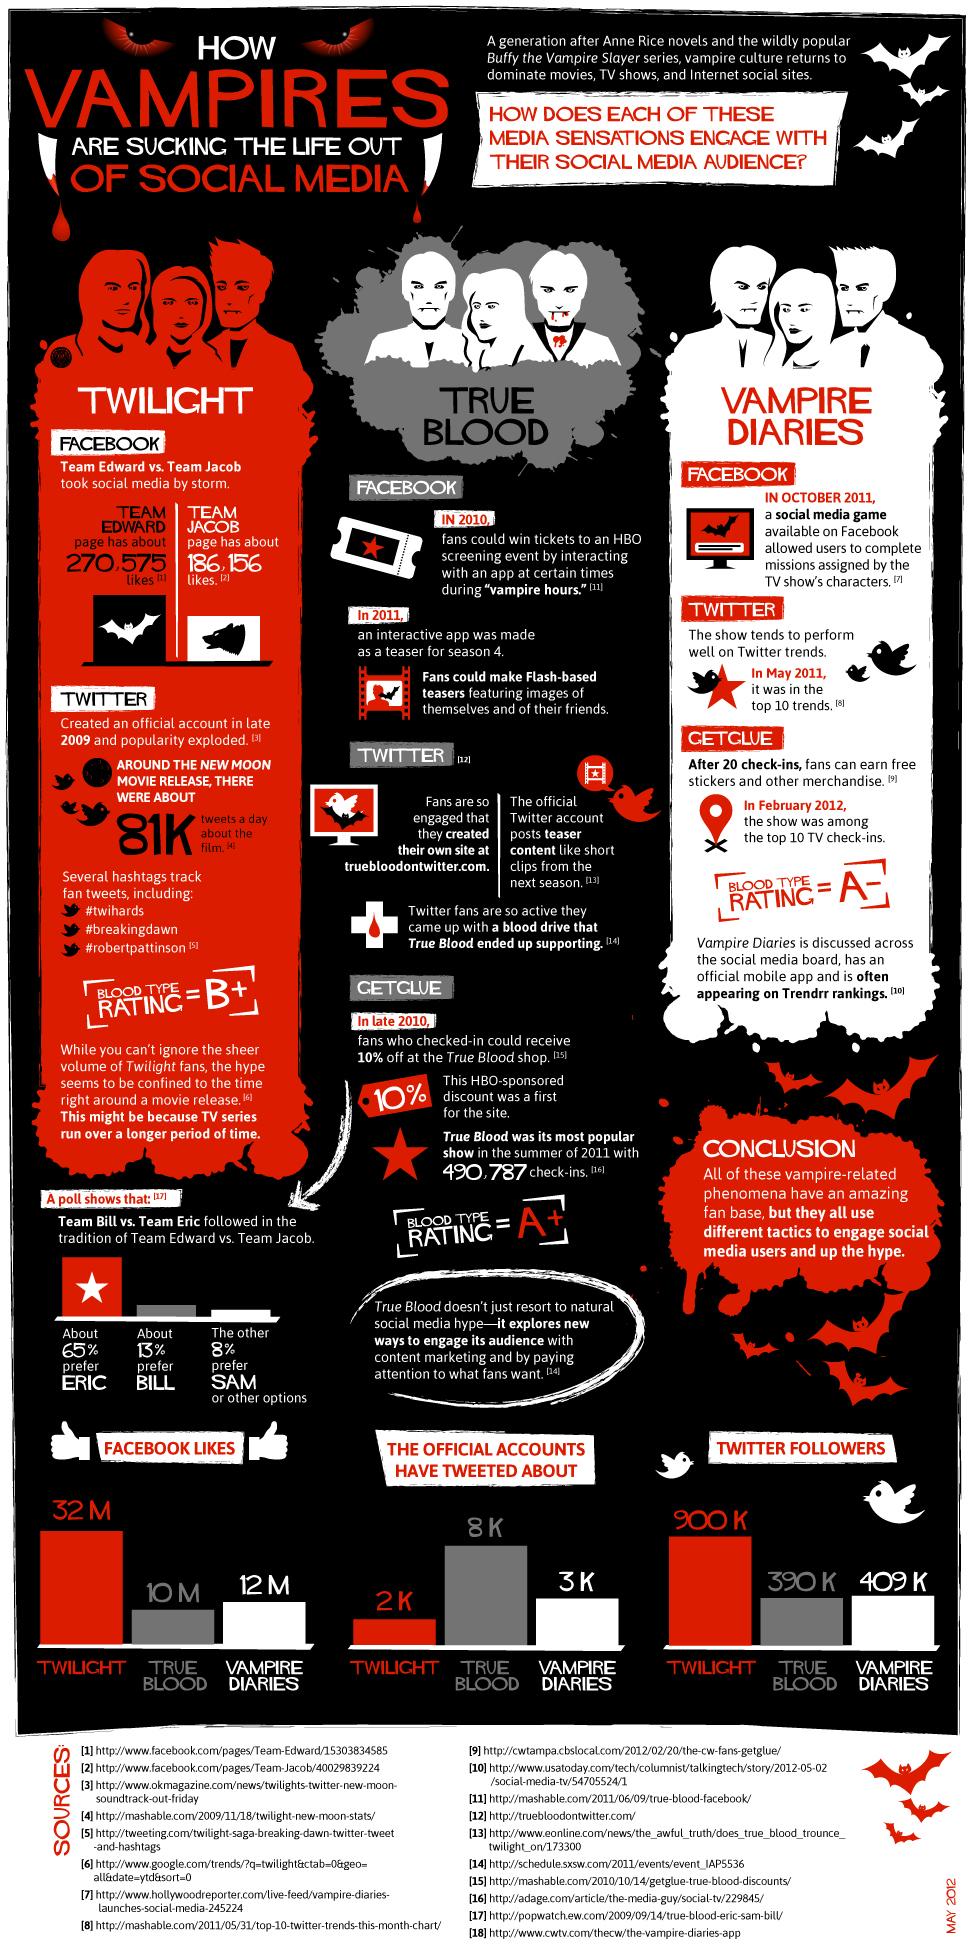 Vampires on Social Media